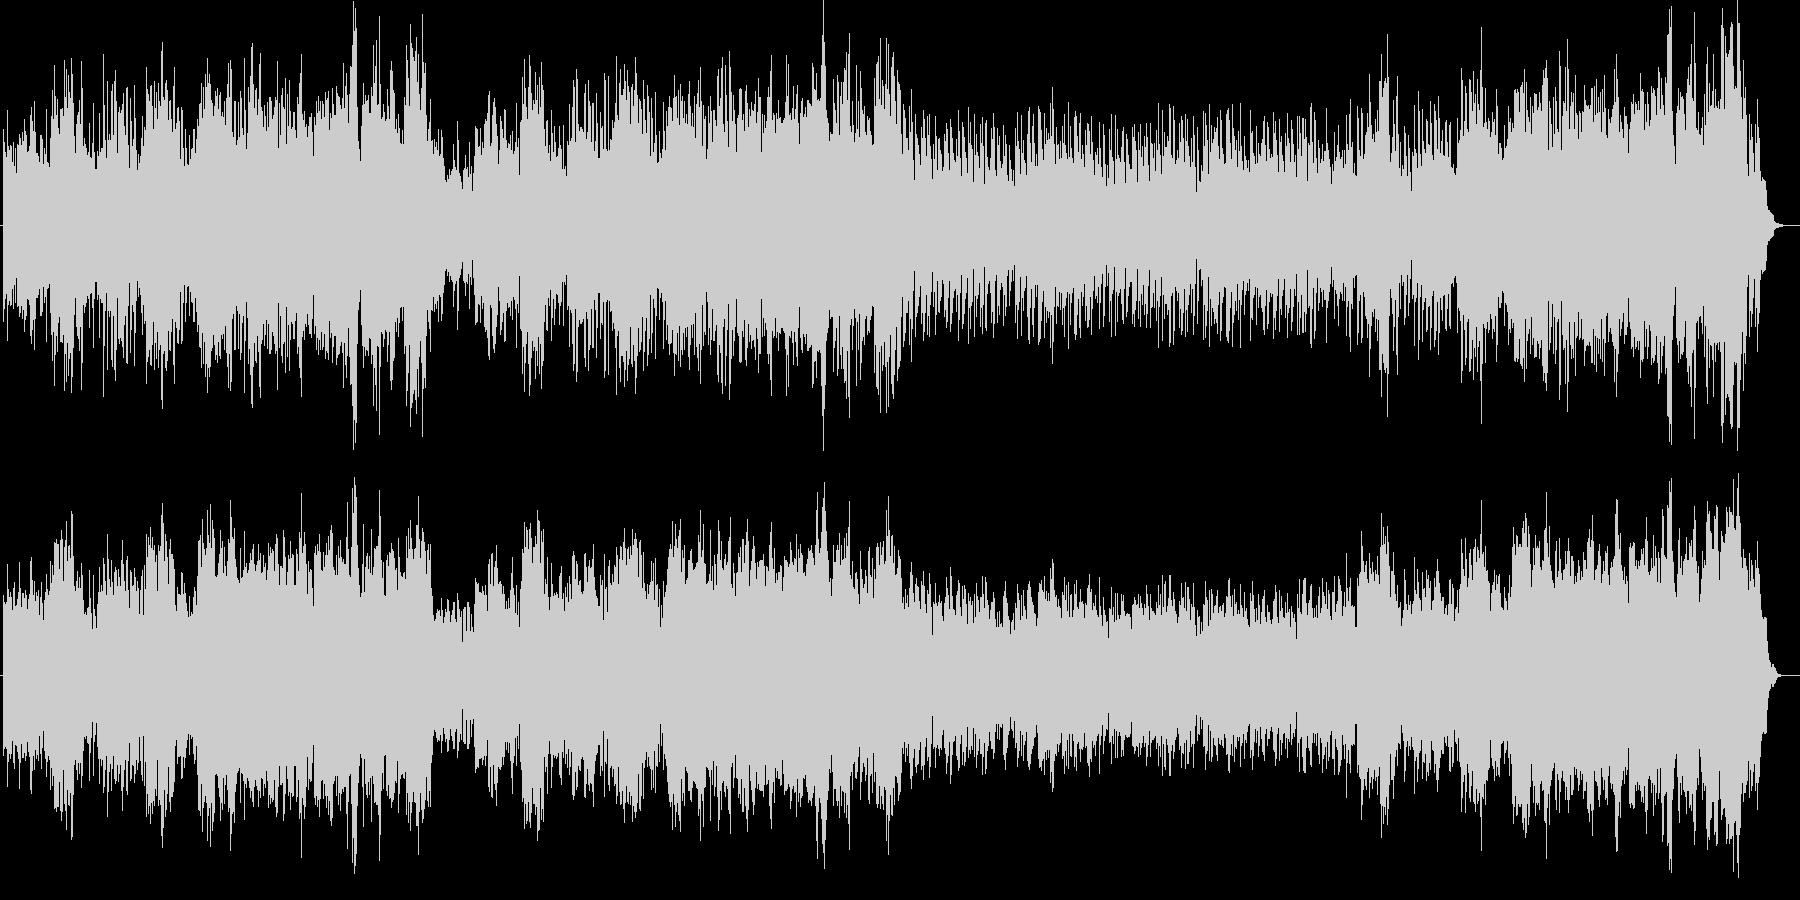 クラシック調のヒーリングミュージックの未再生の波形